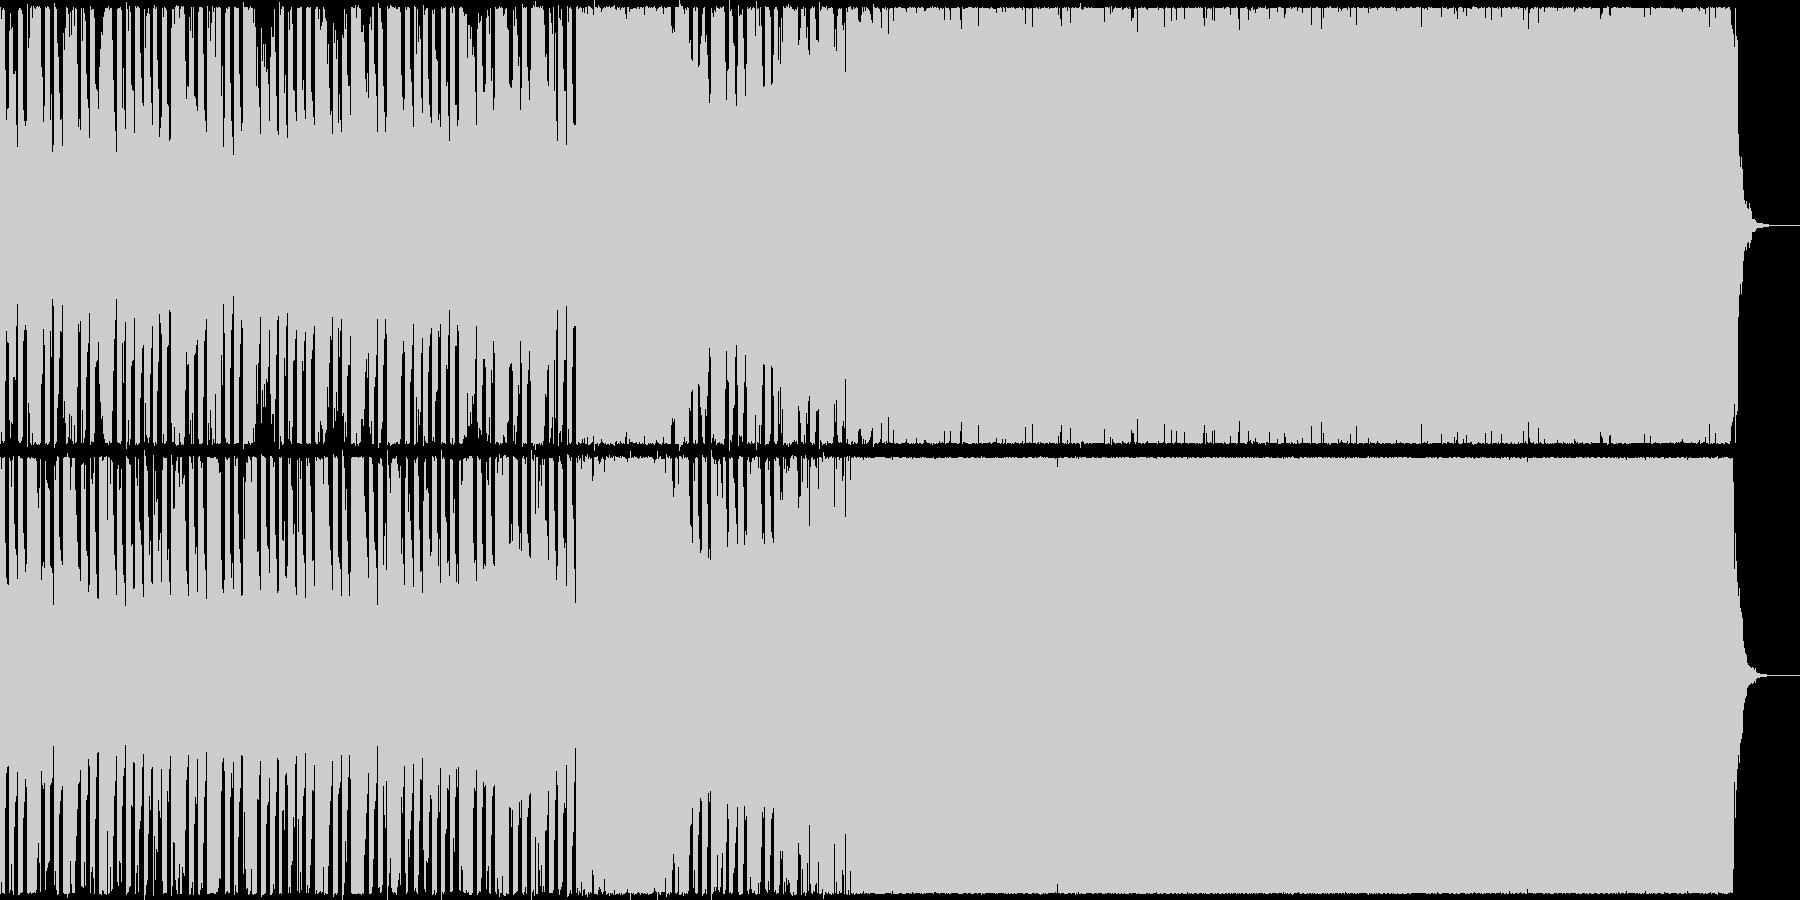 シンプルなダンス・ミュージック(EDM)の未再生の波形